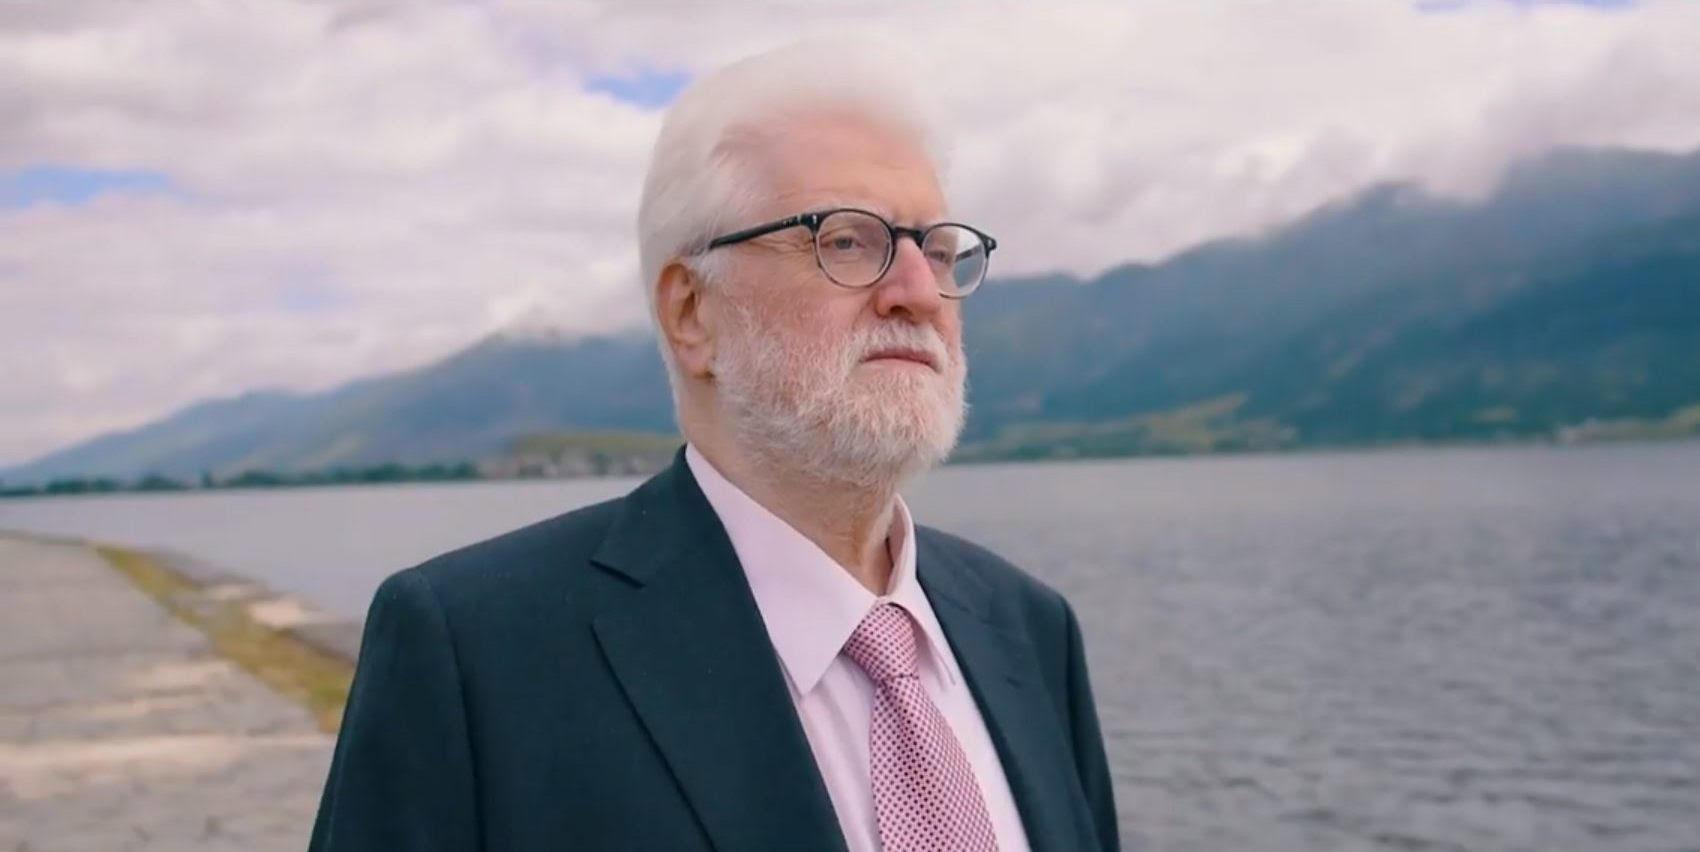 ΕΚΠΑ: Απονομή τίτλου τ επίτιμου διδάκτορα στον Μωυσή Ελισάφ